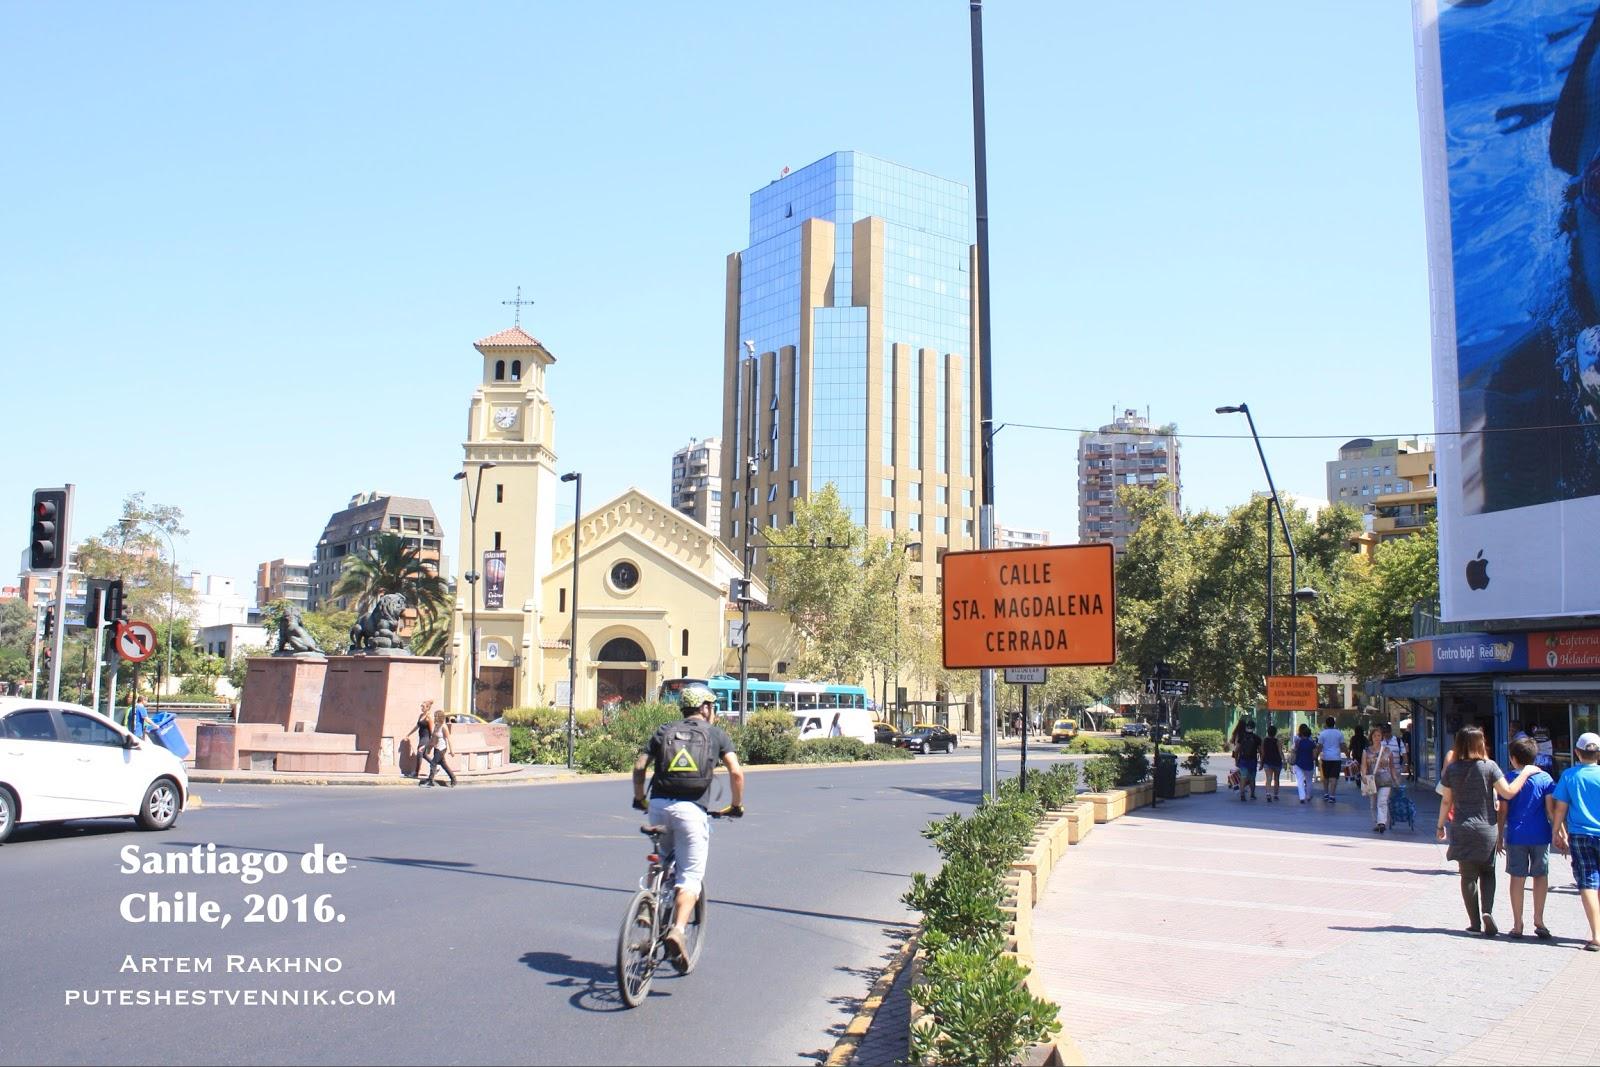 На улице в Сантьяго-де-Чили